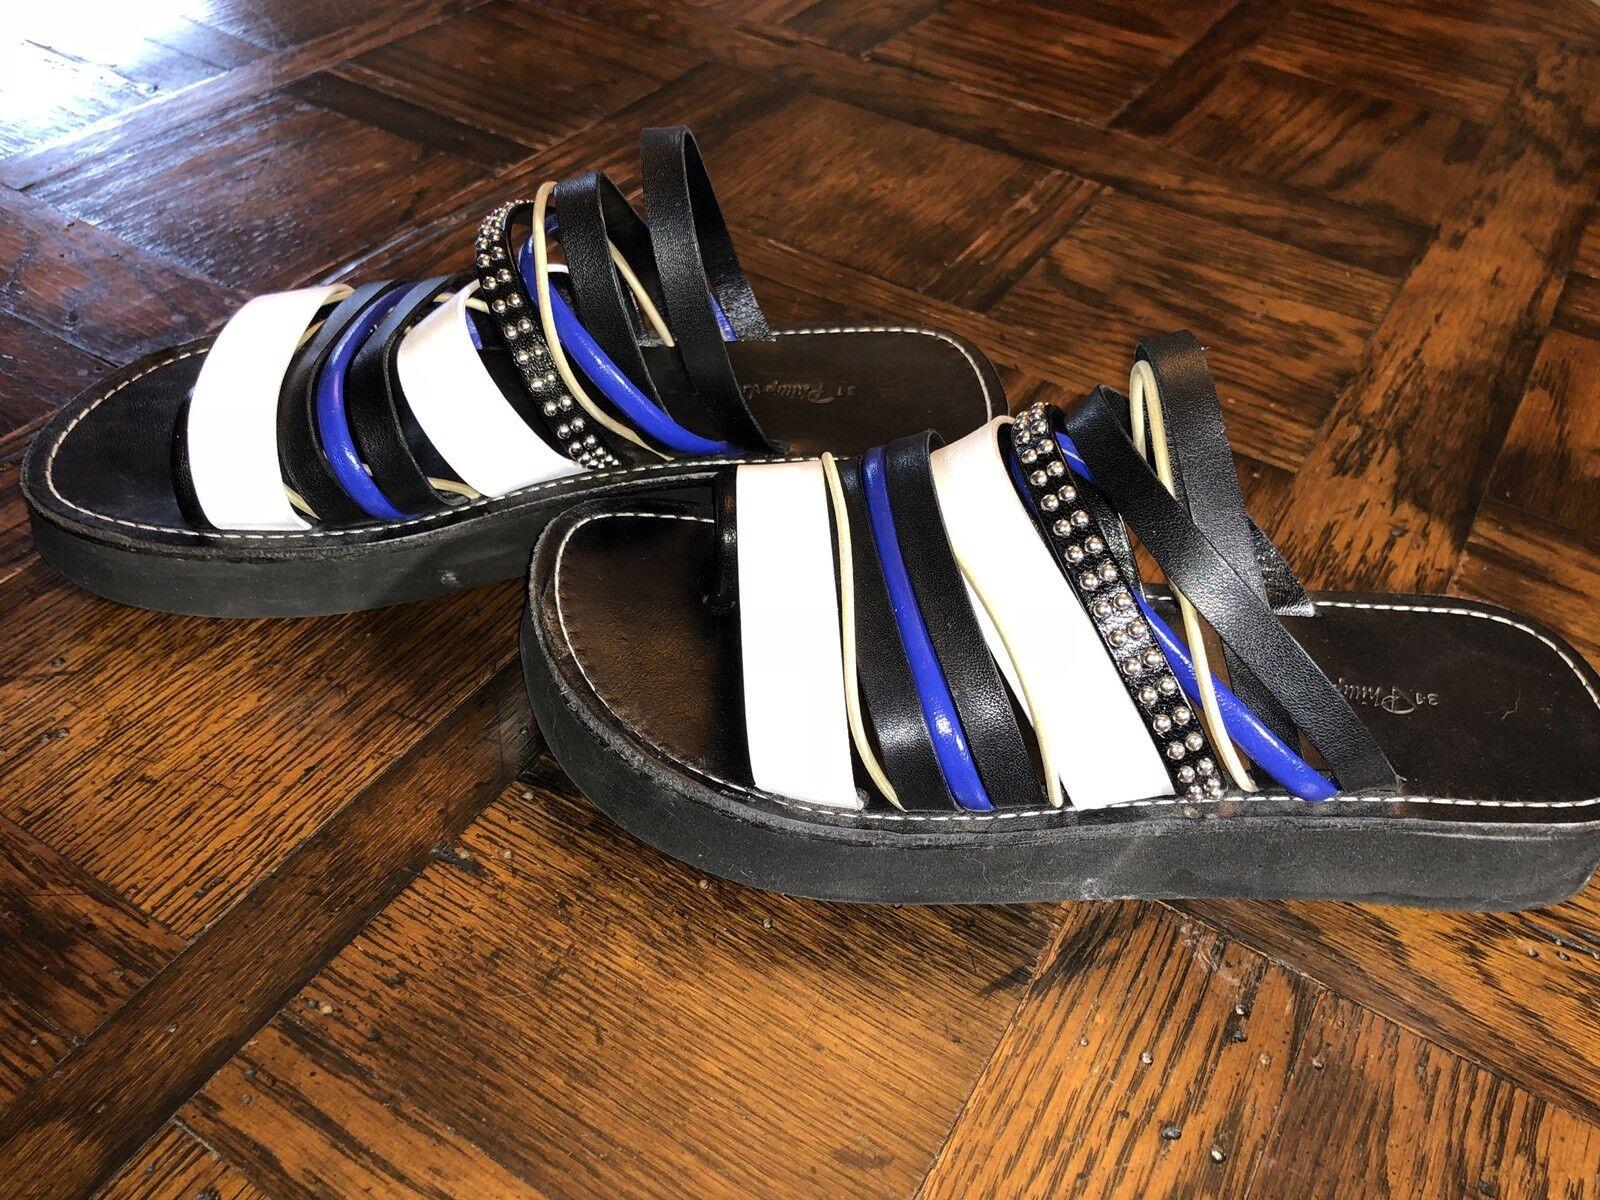 3.1 Toe Phillip Lim Eva Strappy Toe 3.1 Loop Sandale Größe 38 at Nordstrom for 295.00 9408c7